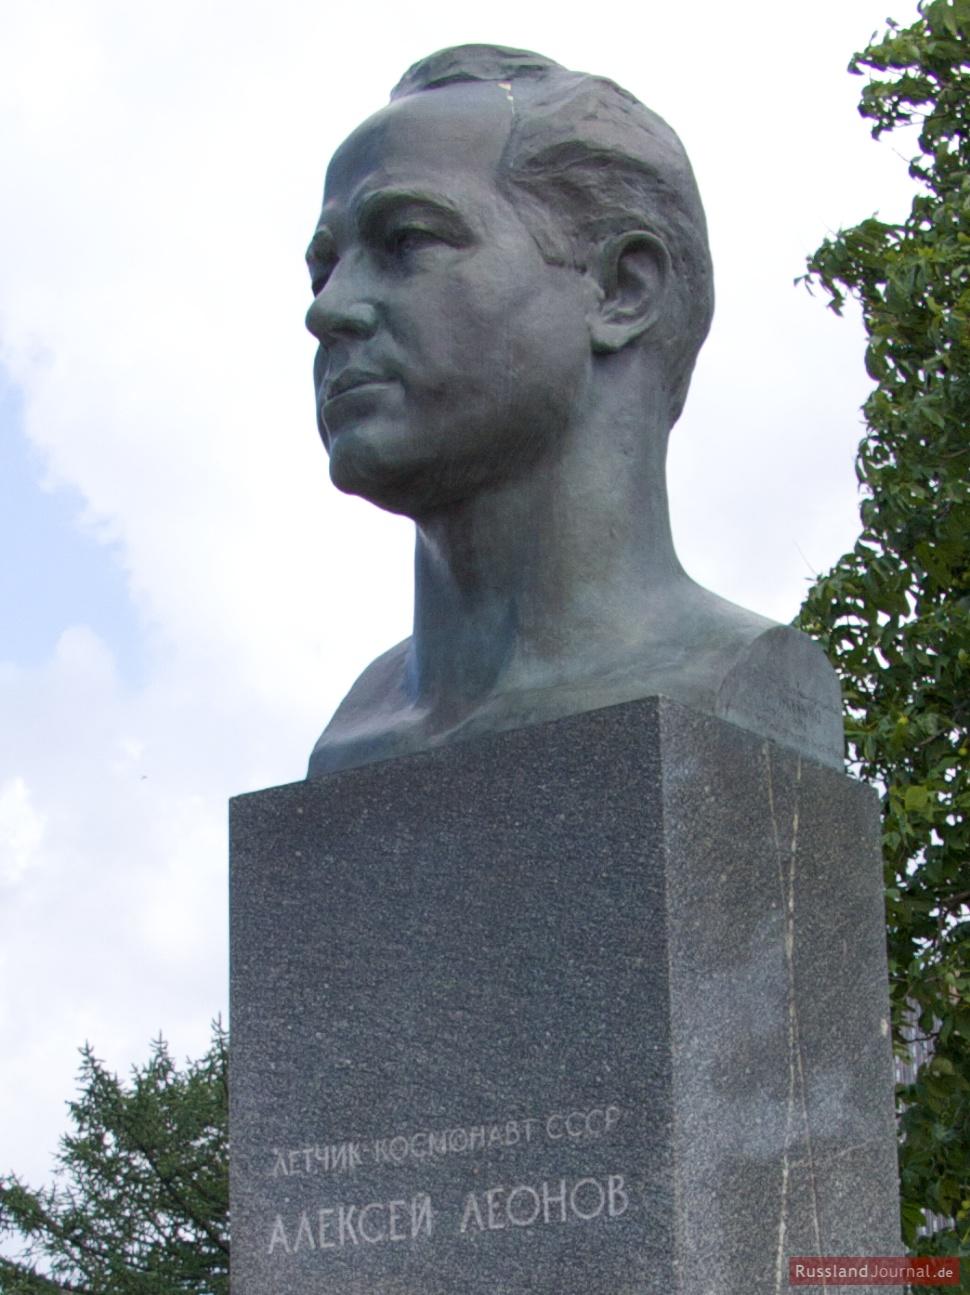 Alexej Leonow (russisch: Алексей Леонов), ging als erster Mensch in den offenen Weltraum.